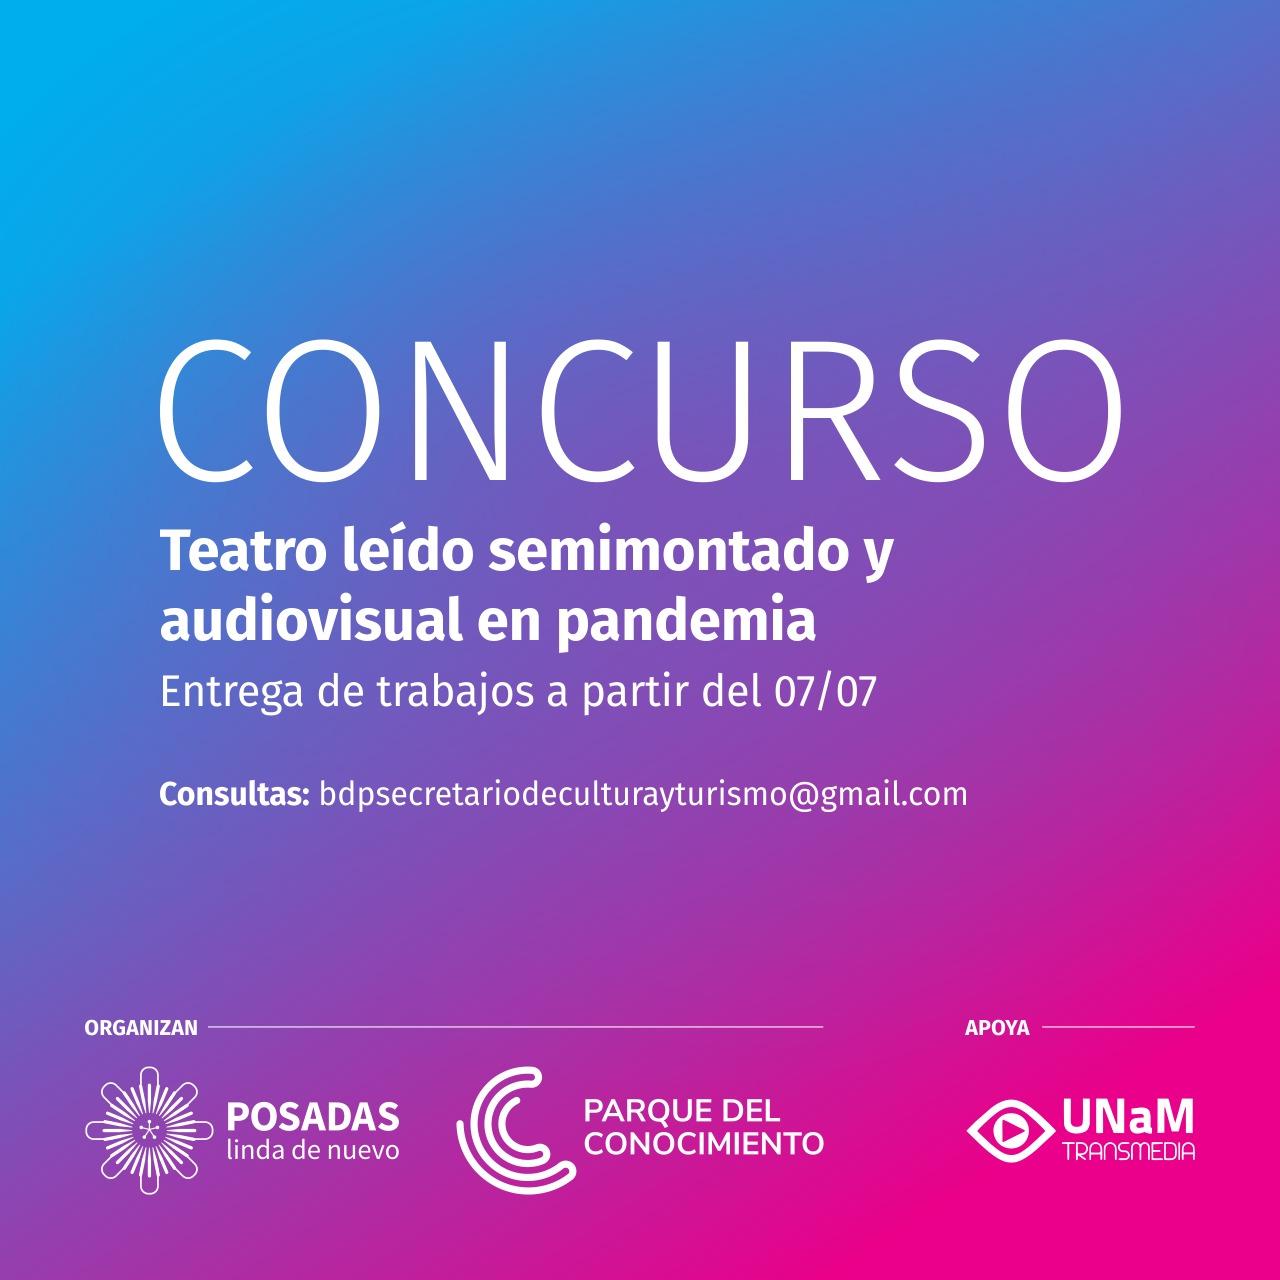 Concurso de Teatro Leído Semimontado y Audiovisual en Pandemia